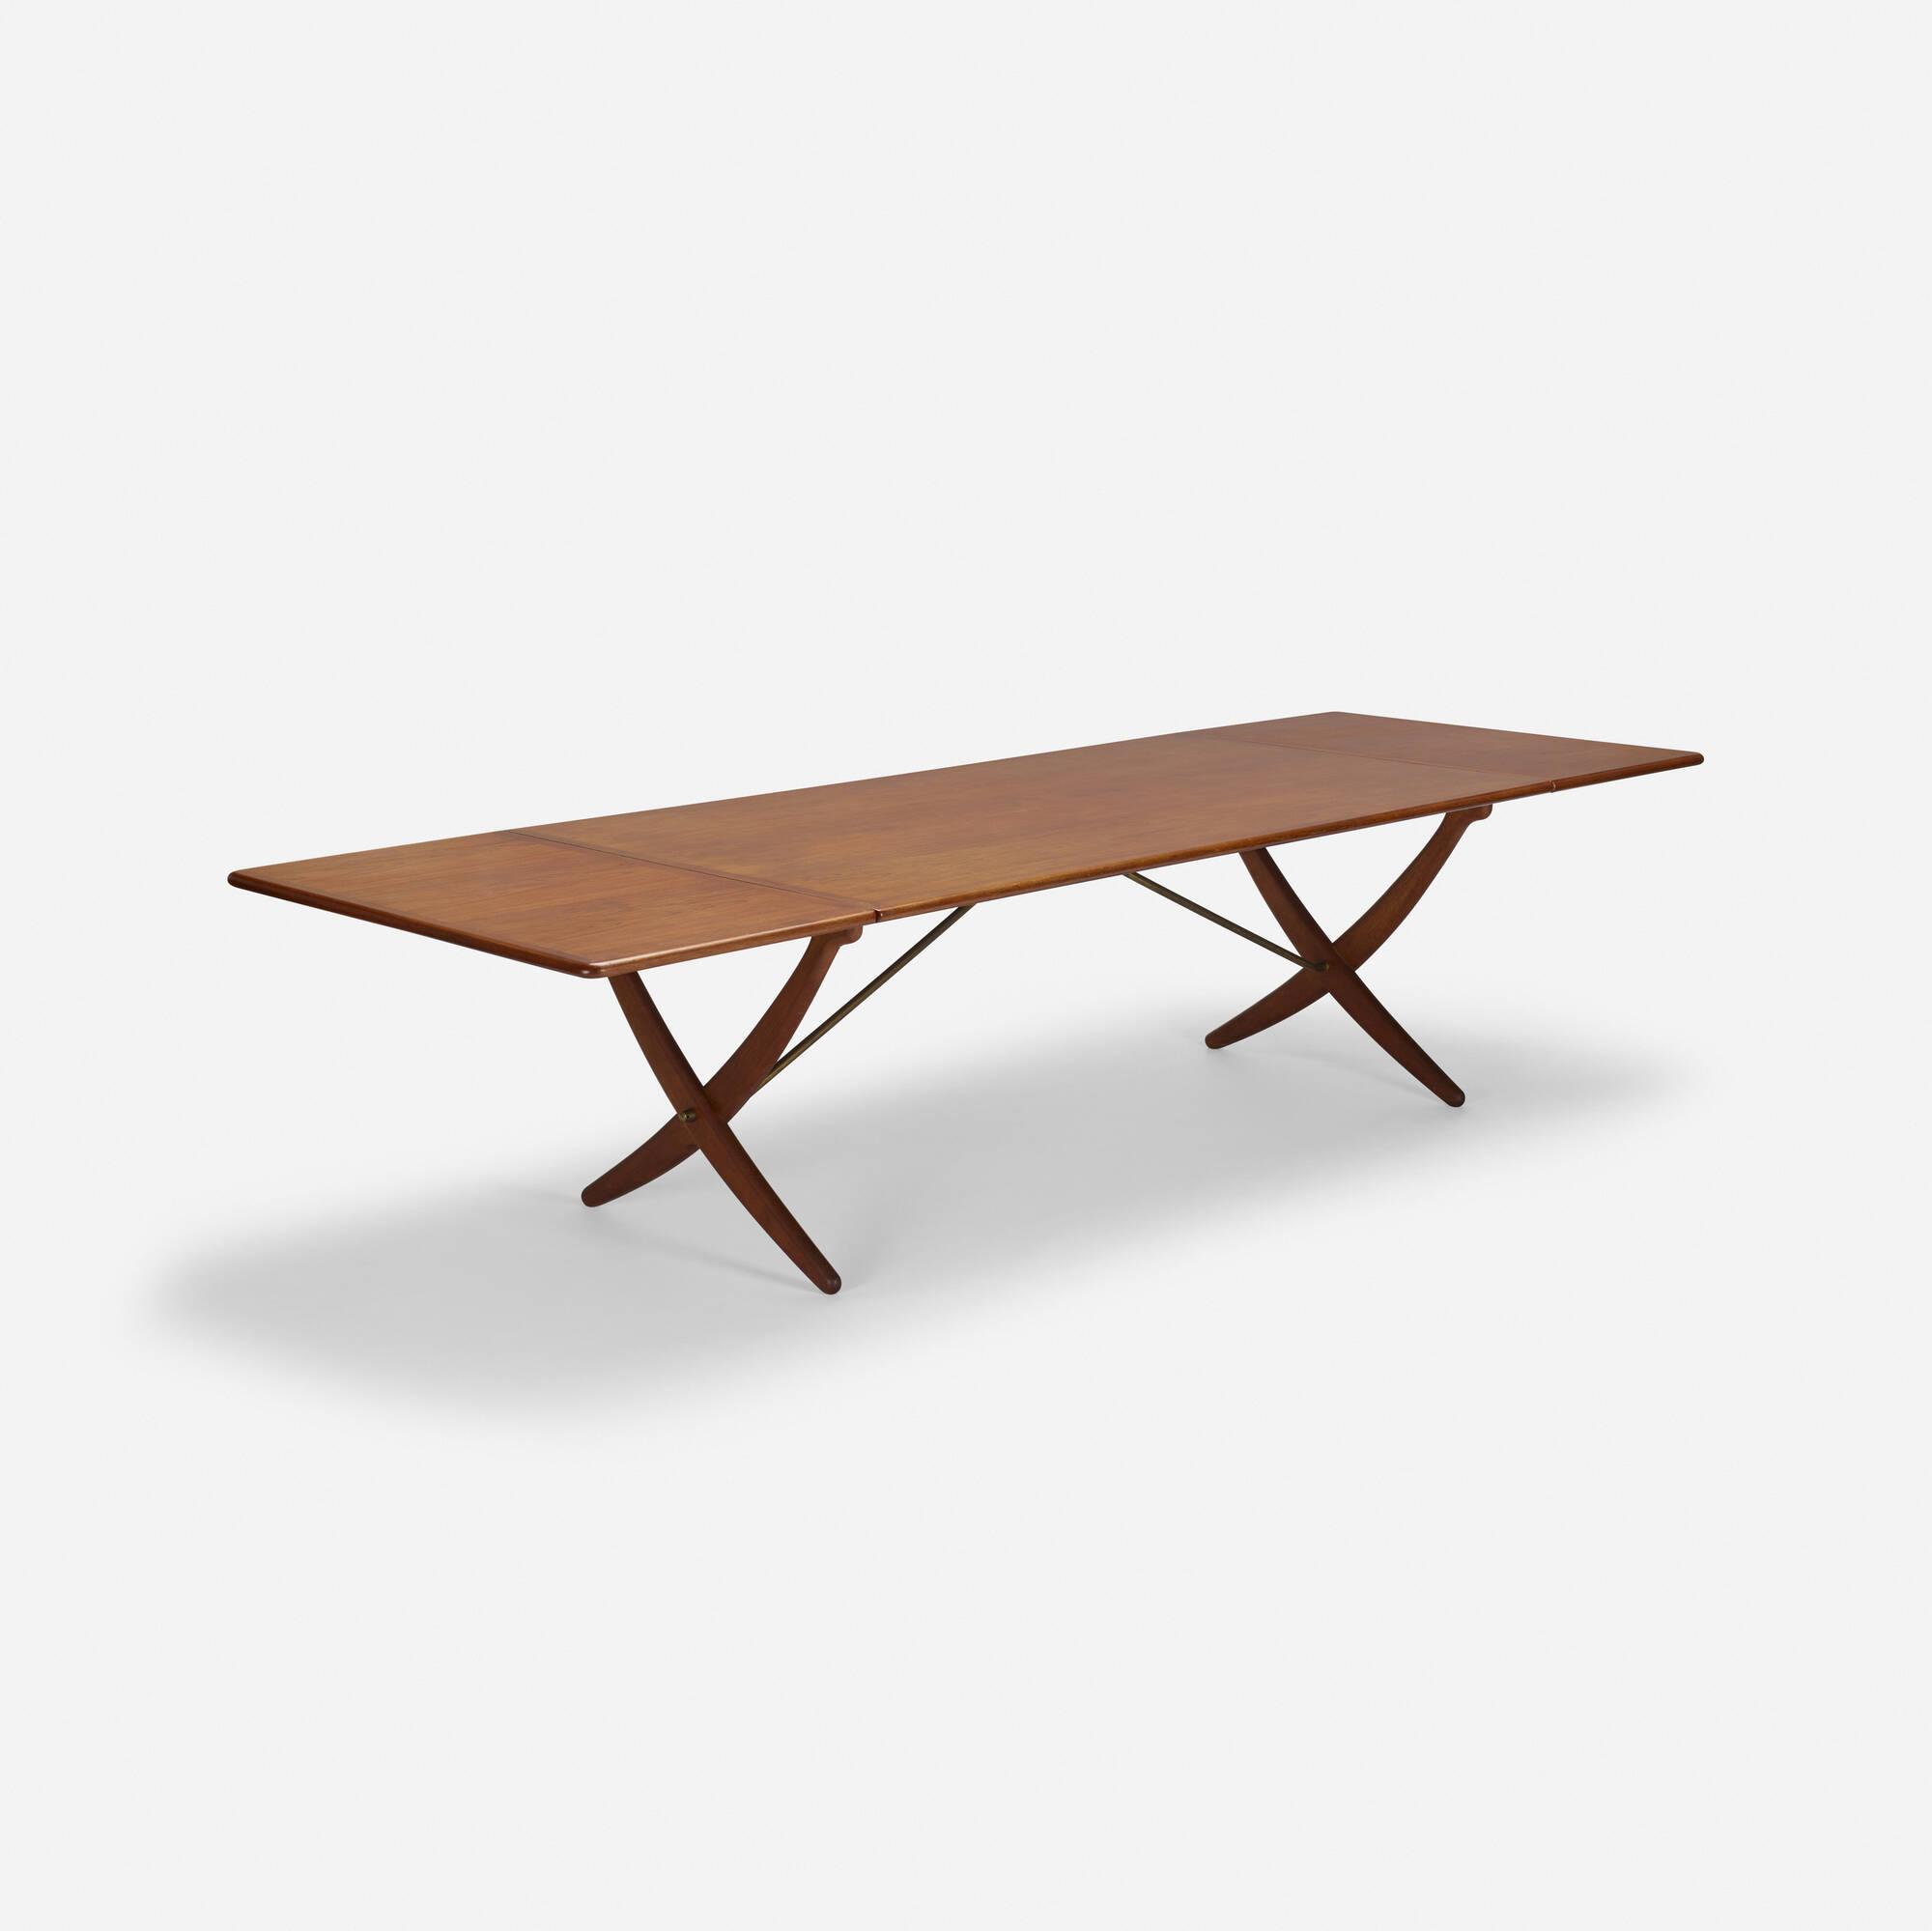 349: Hans J. Wegner / dining table (1 of 5)